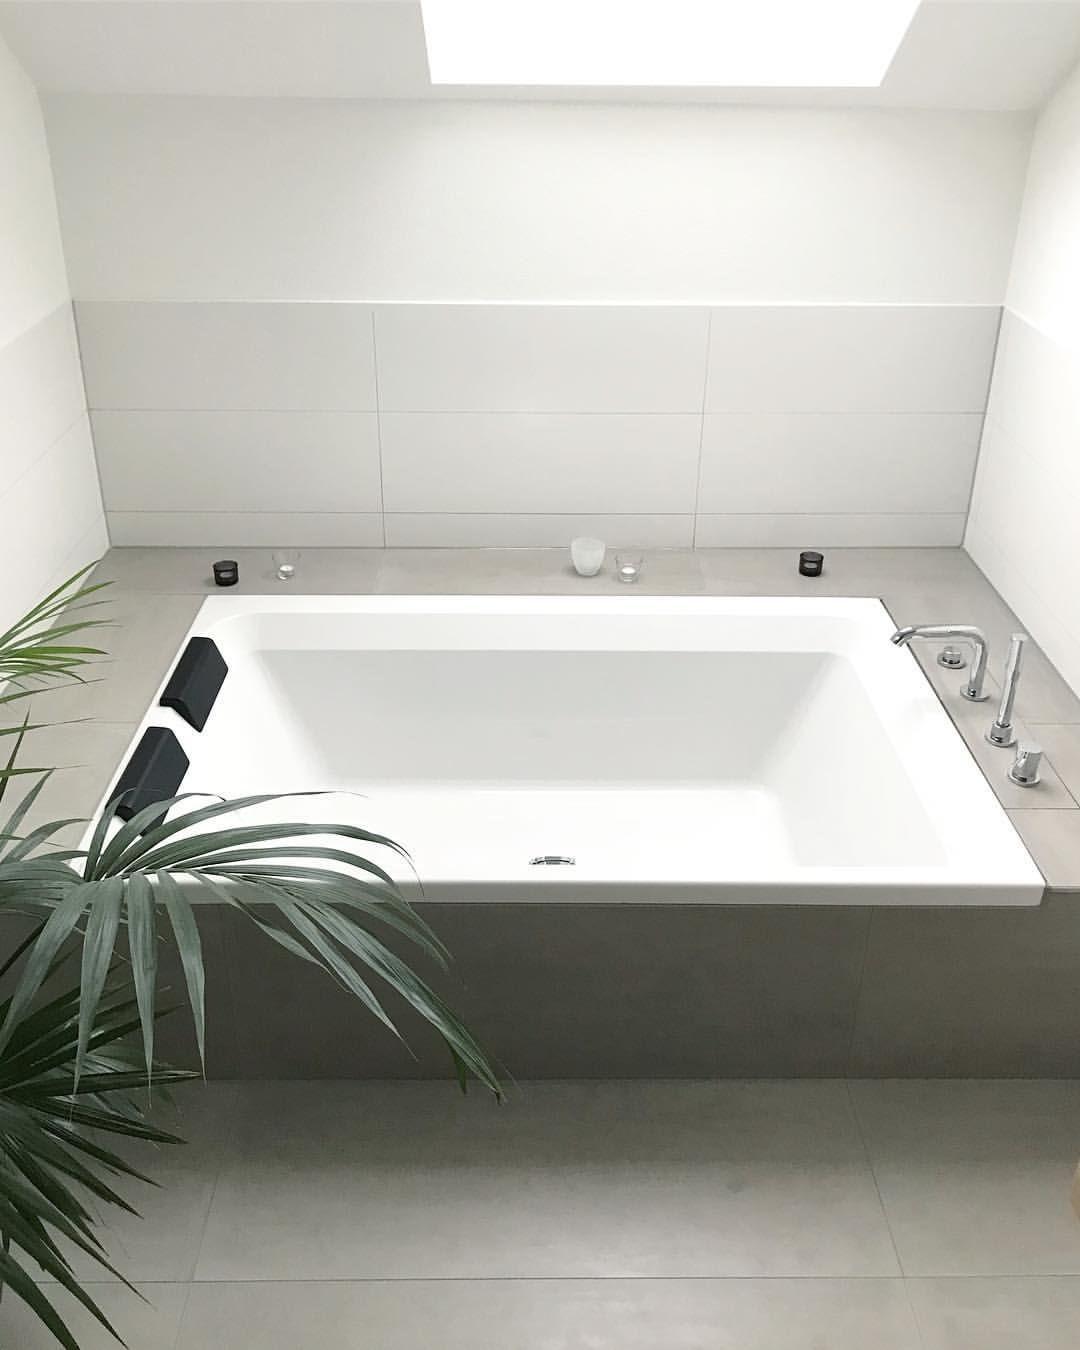 Badewannenaufsatz Badewannenaufsatz 120x120cm Duschbadewanne 120x120x135 Cm Lxbxh Duschabtrennung Badewanne 4 Teilig Badewann Badewanne Dusche Duschabtrennung